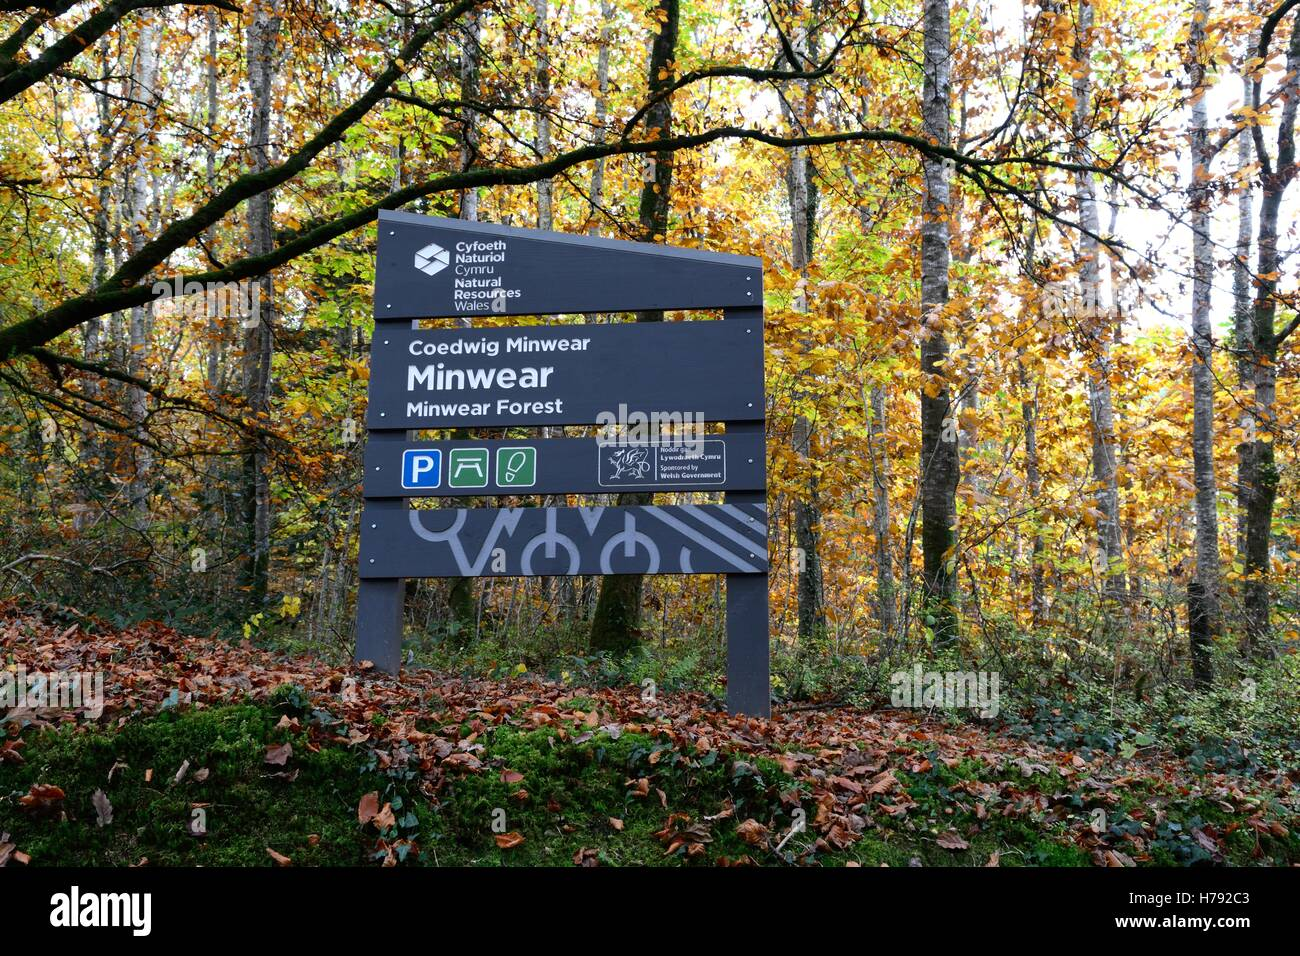 Recursos naturales Gales signo Bosque Minwear Canaston Woods Cymru de Gales pembrokeshire REINO UNIDO GB Imagen De Stock